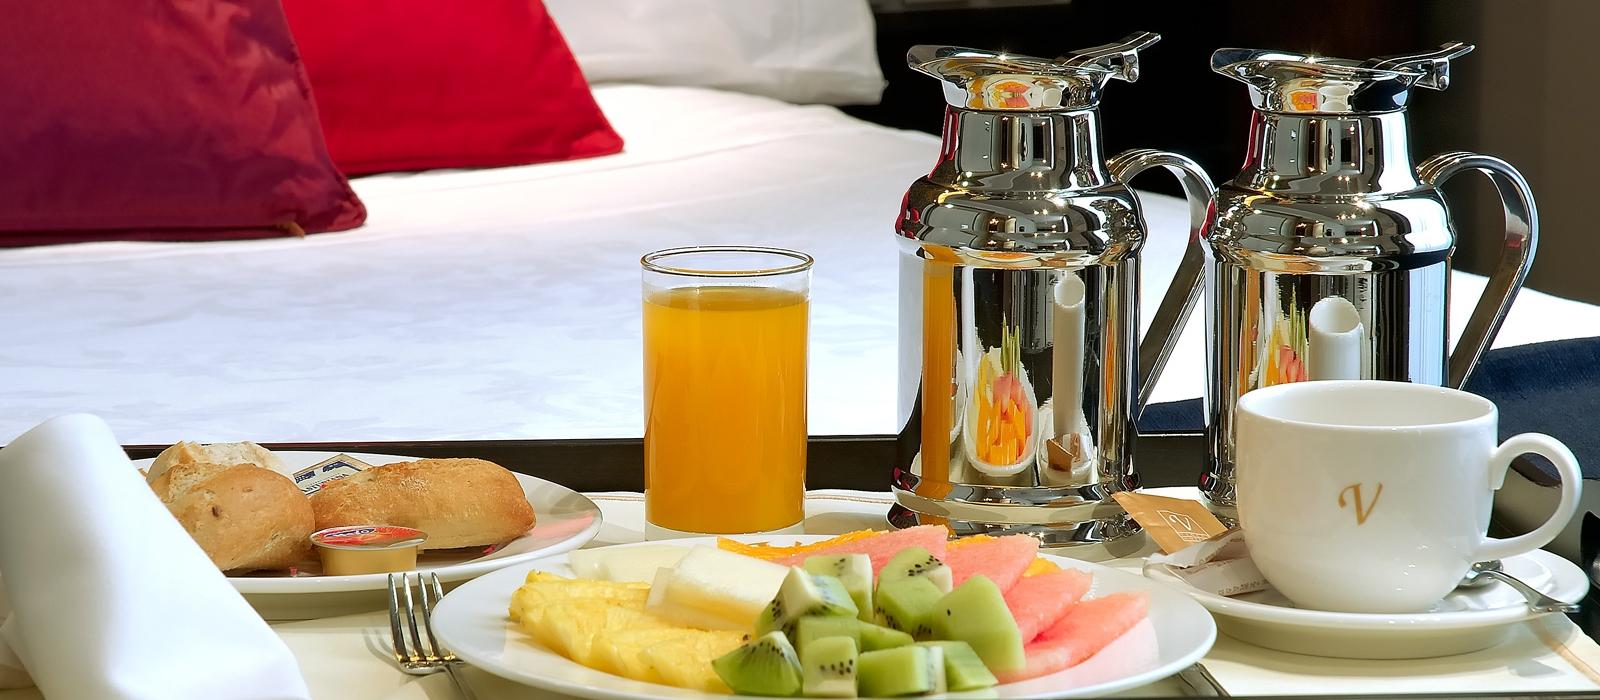 Übernachtung im Hotel Vincci Soho in Madrid - Barrierefreie Zimmer